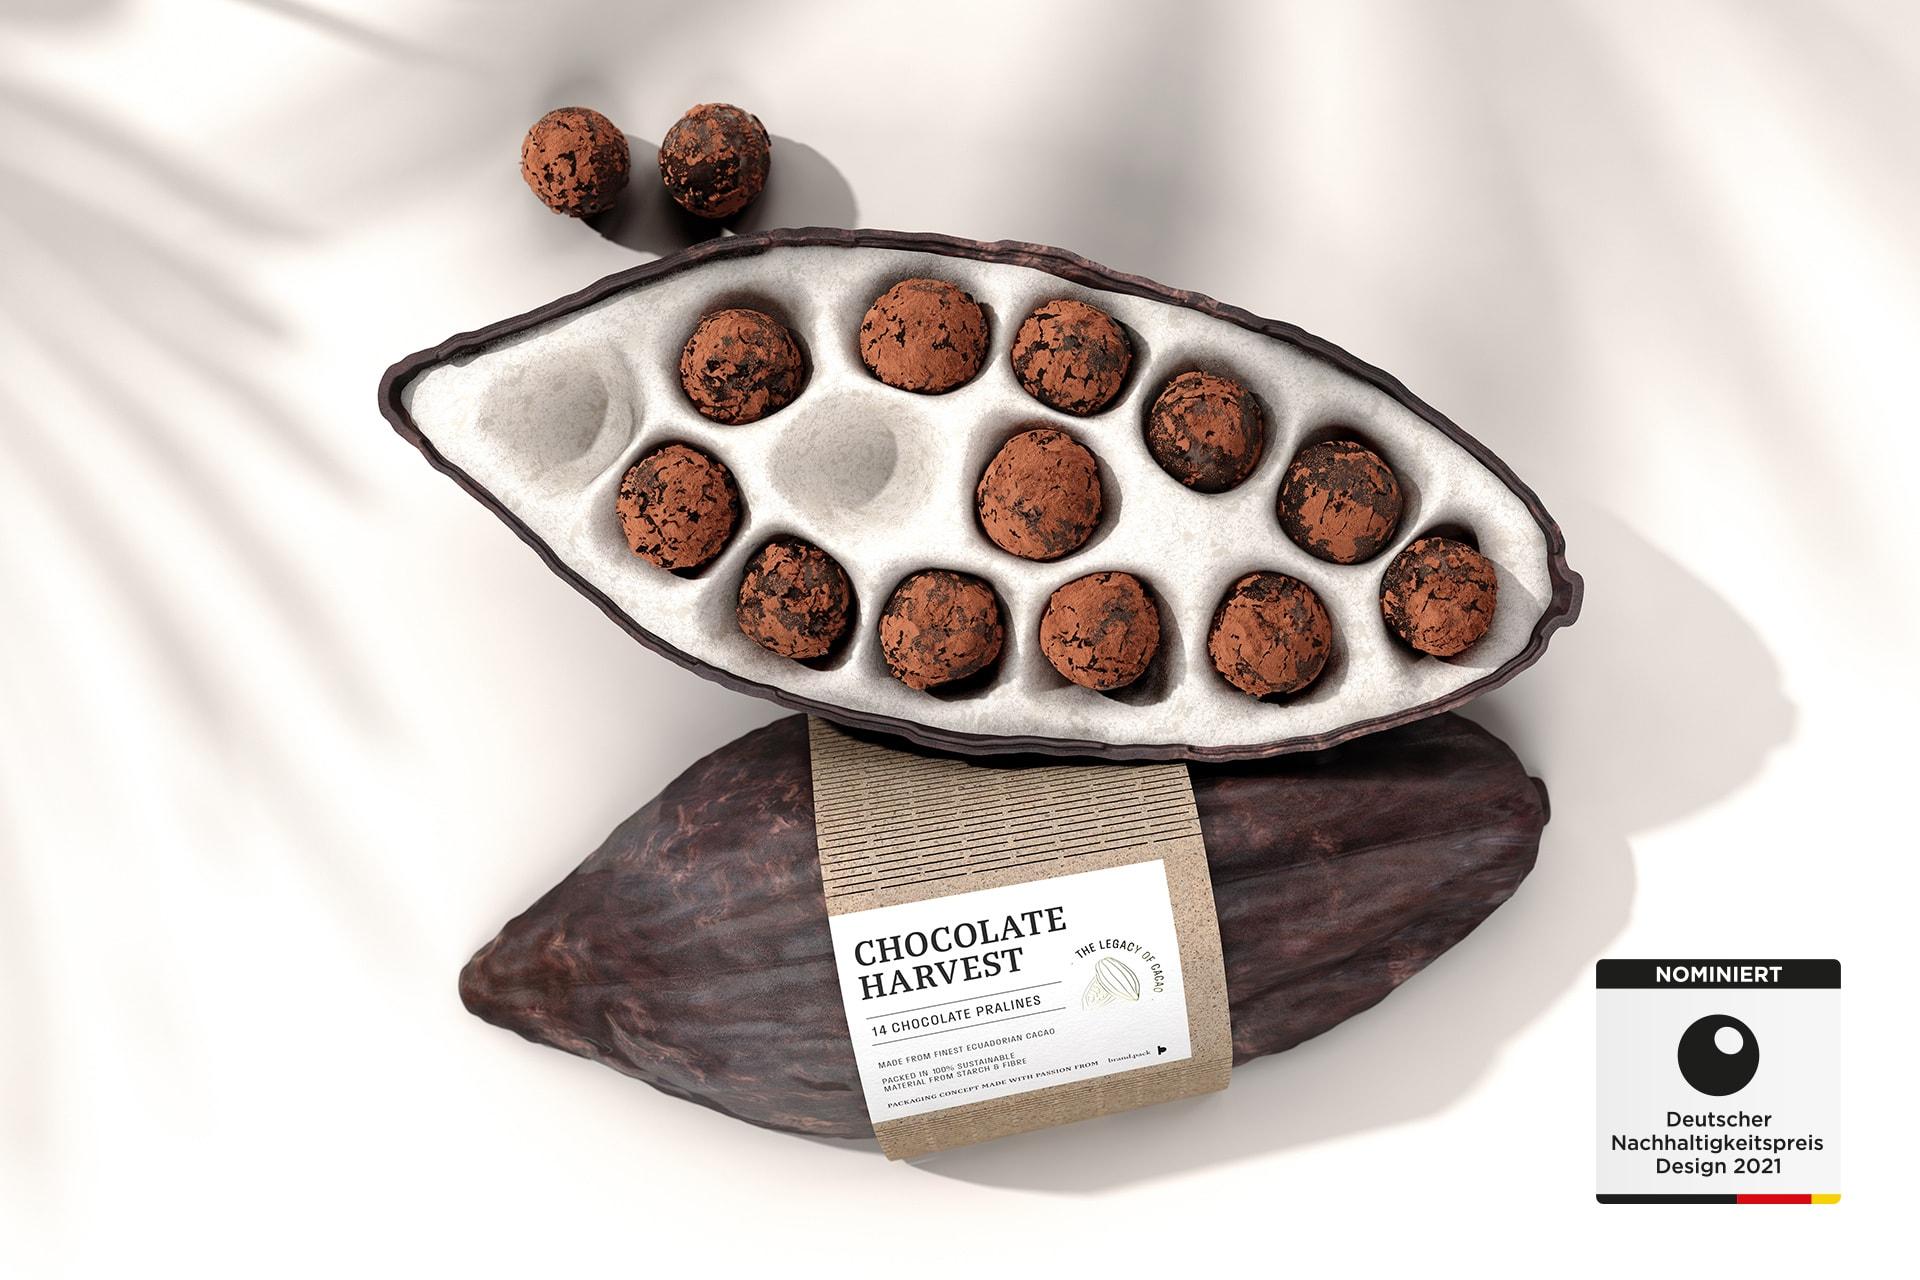 200813_Legacy_of_Chocolate_Nominiert_Siegel_DE